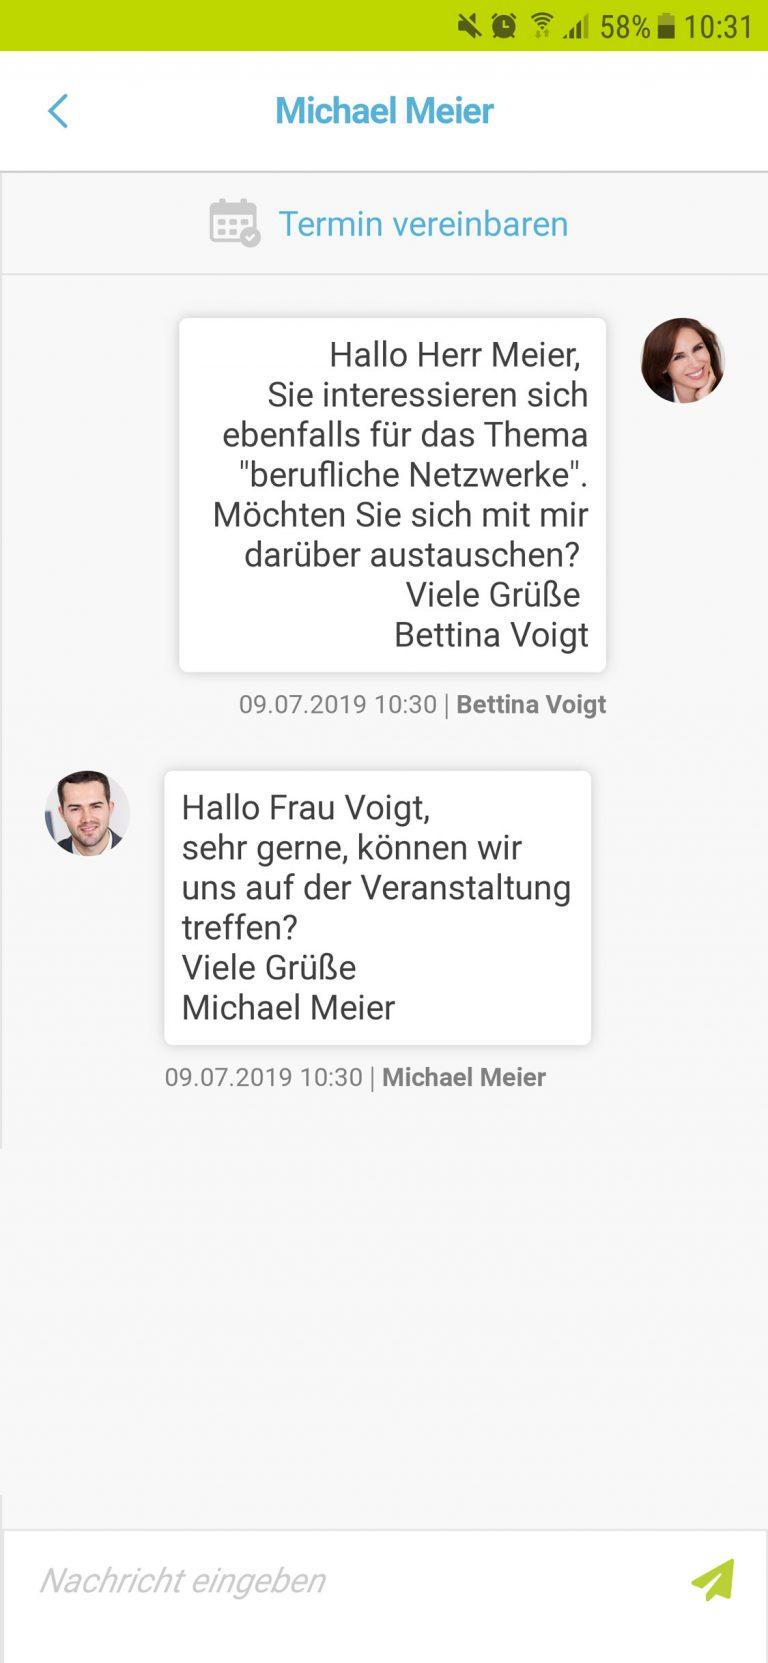 Nachrichten - Event Software